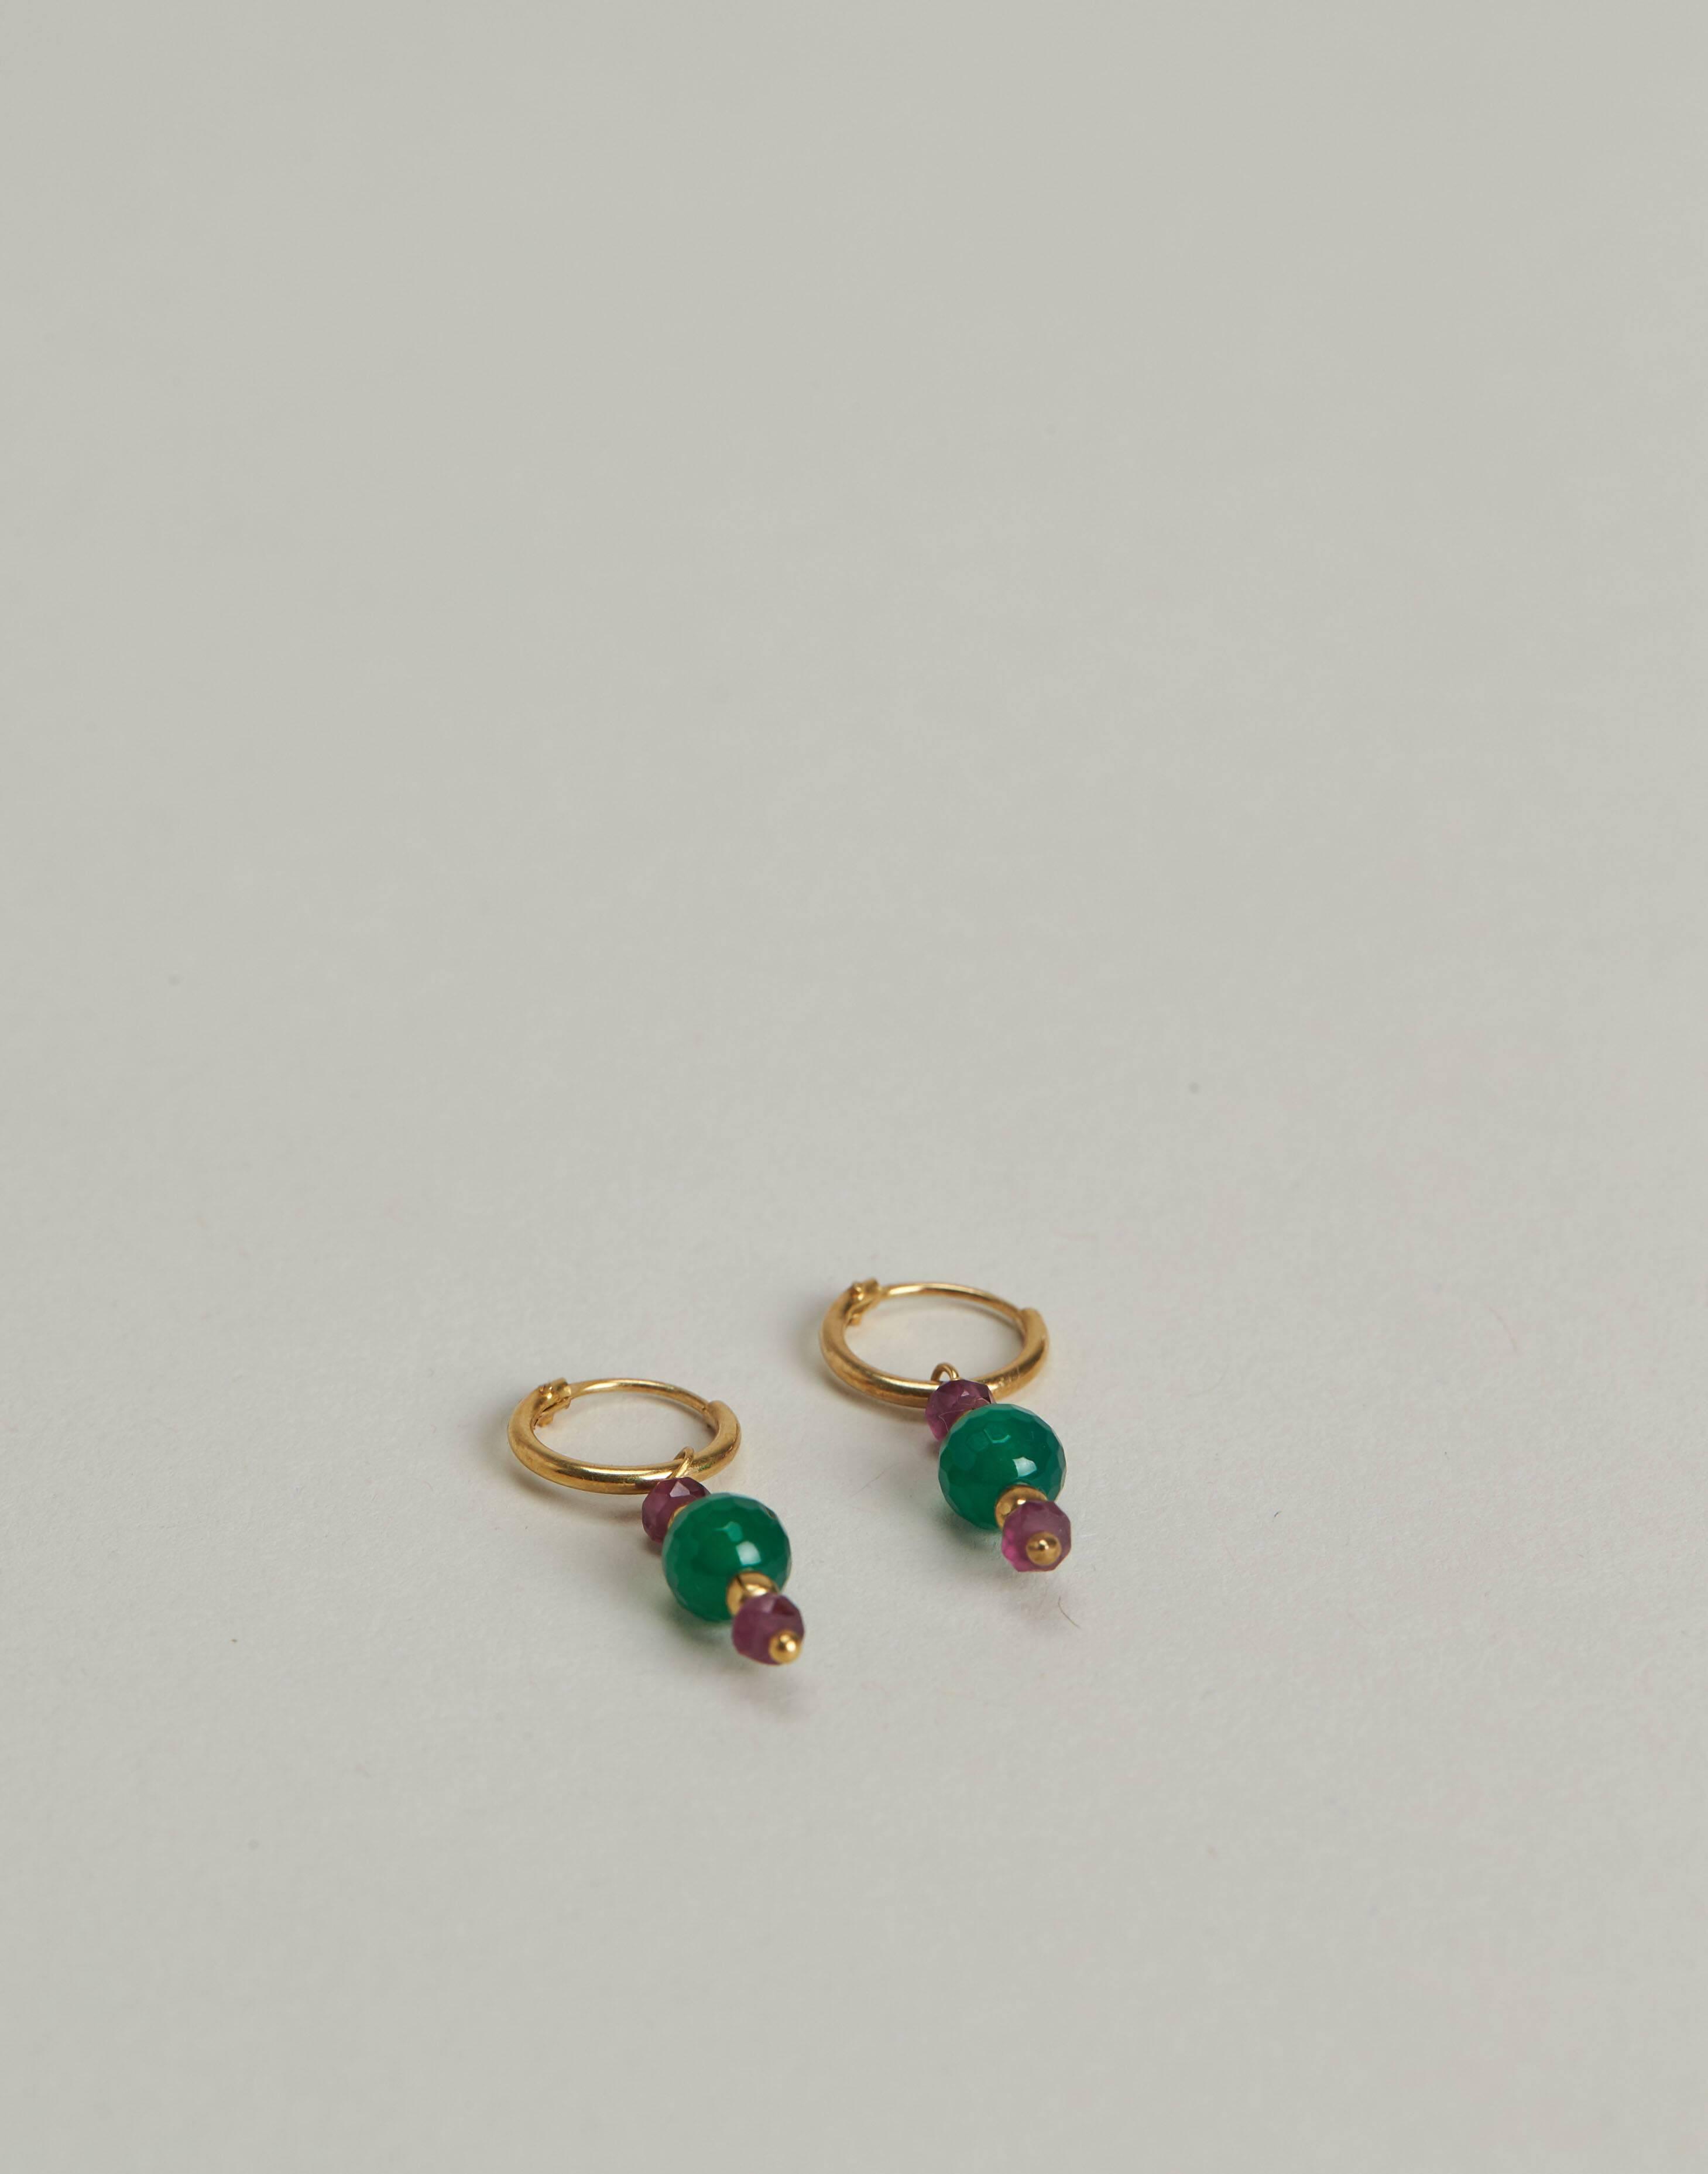 Gilded three stones hoop earrings